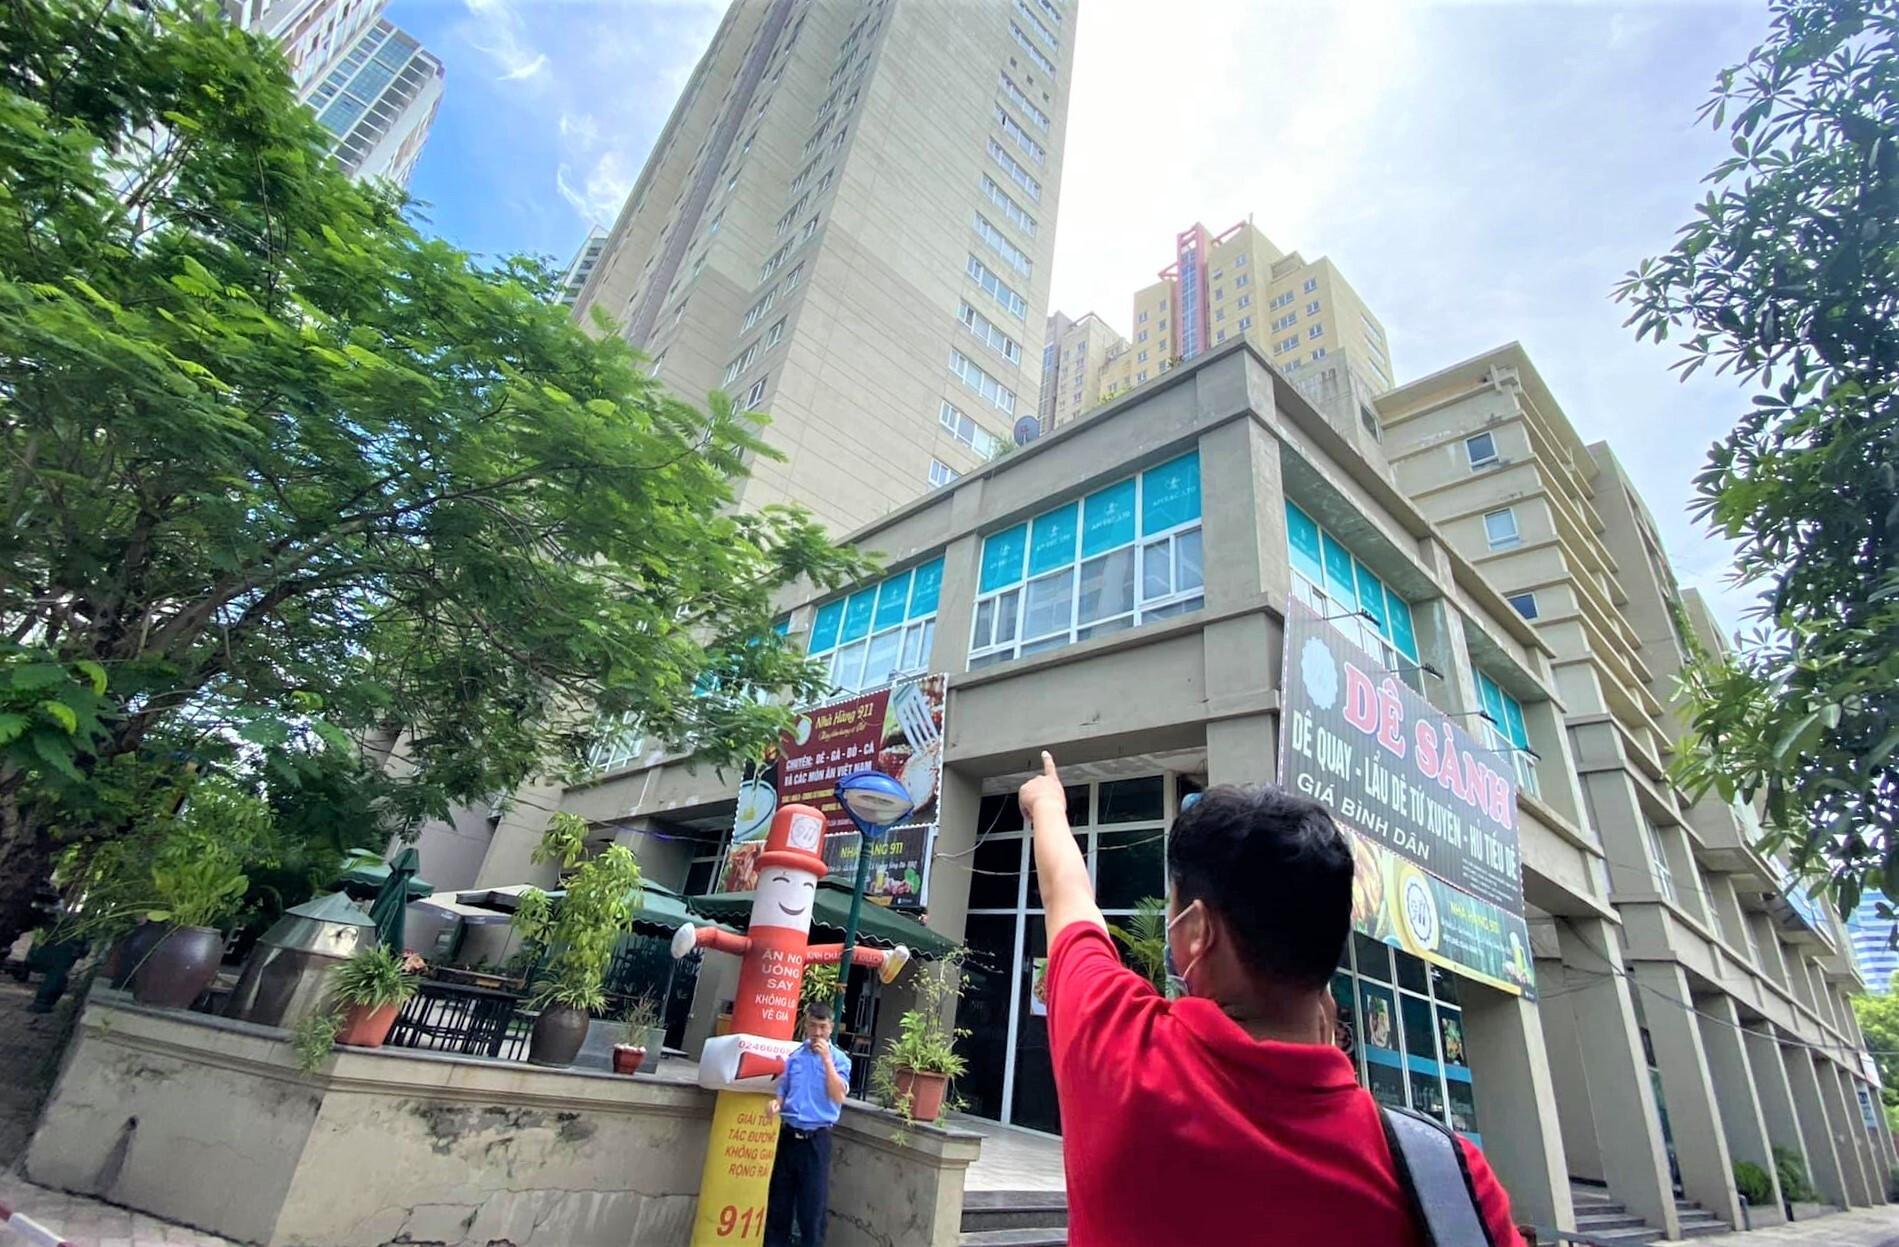 Bé 5 tuổi rơi từ tầng 11 chung cư ở Hà Nội: Lời kể xót xa của nhân chứng - 1